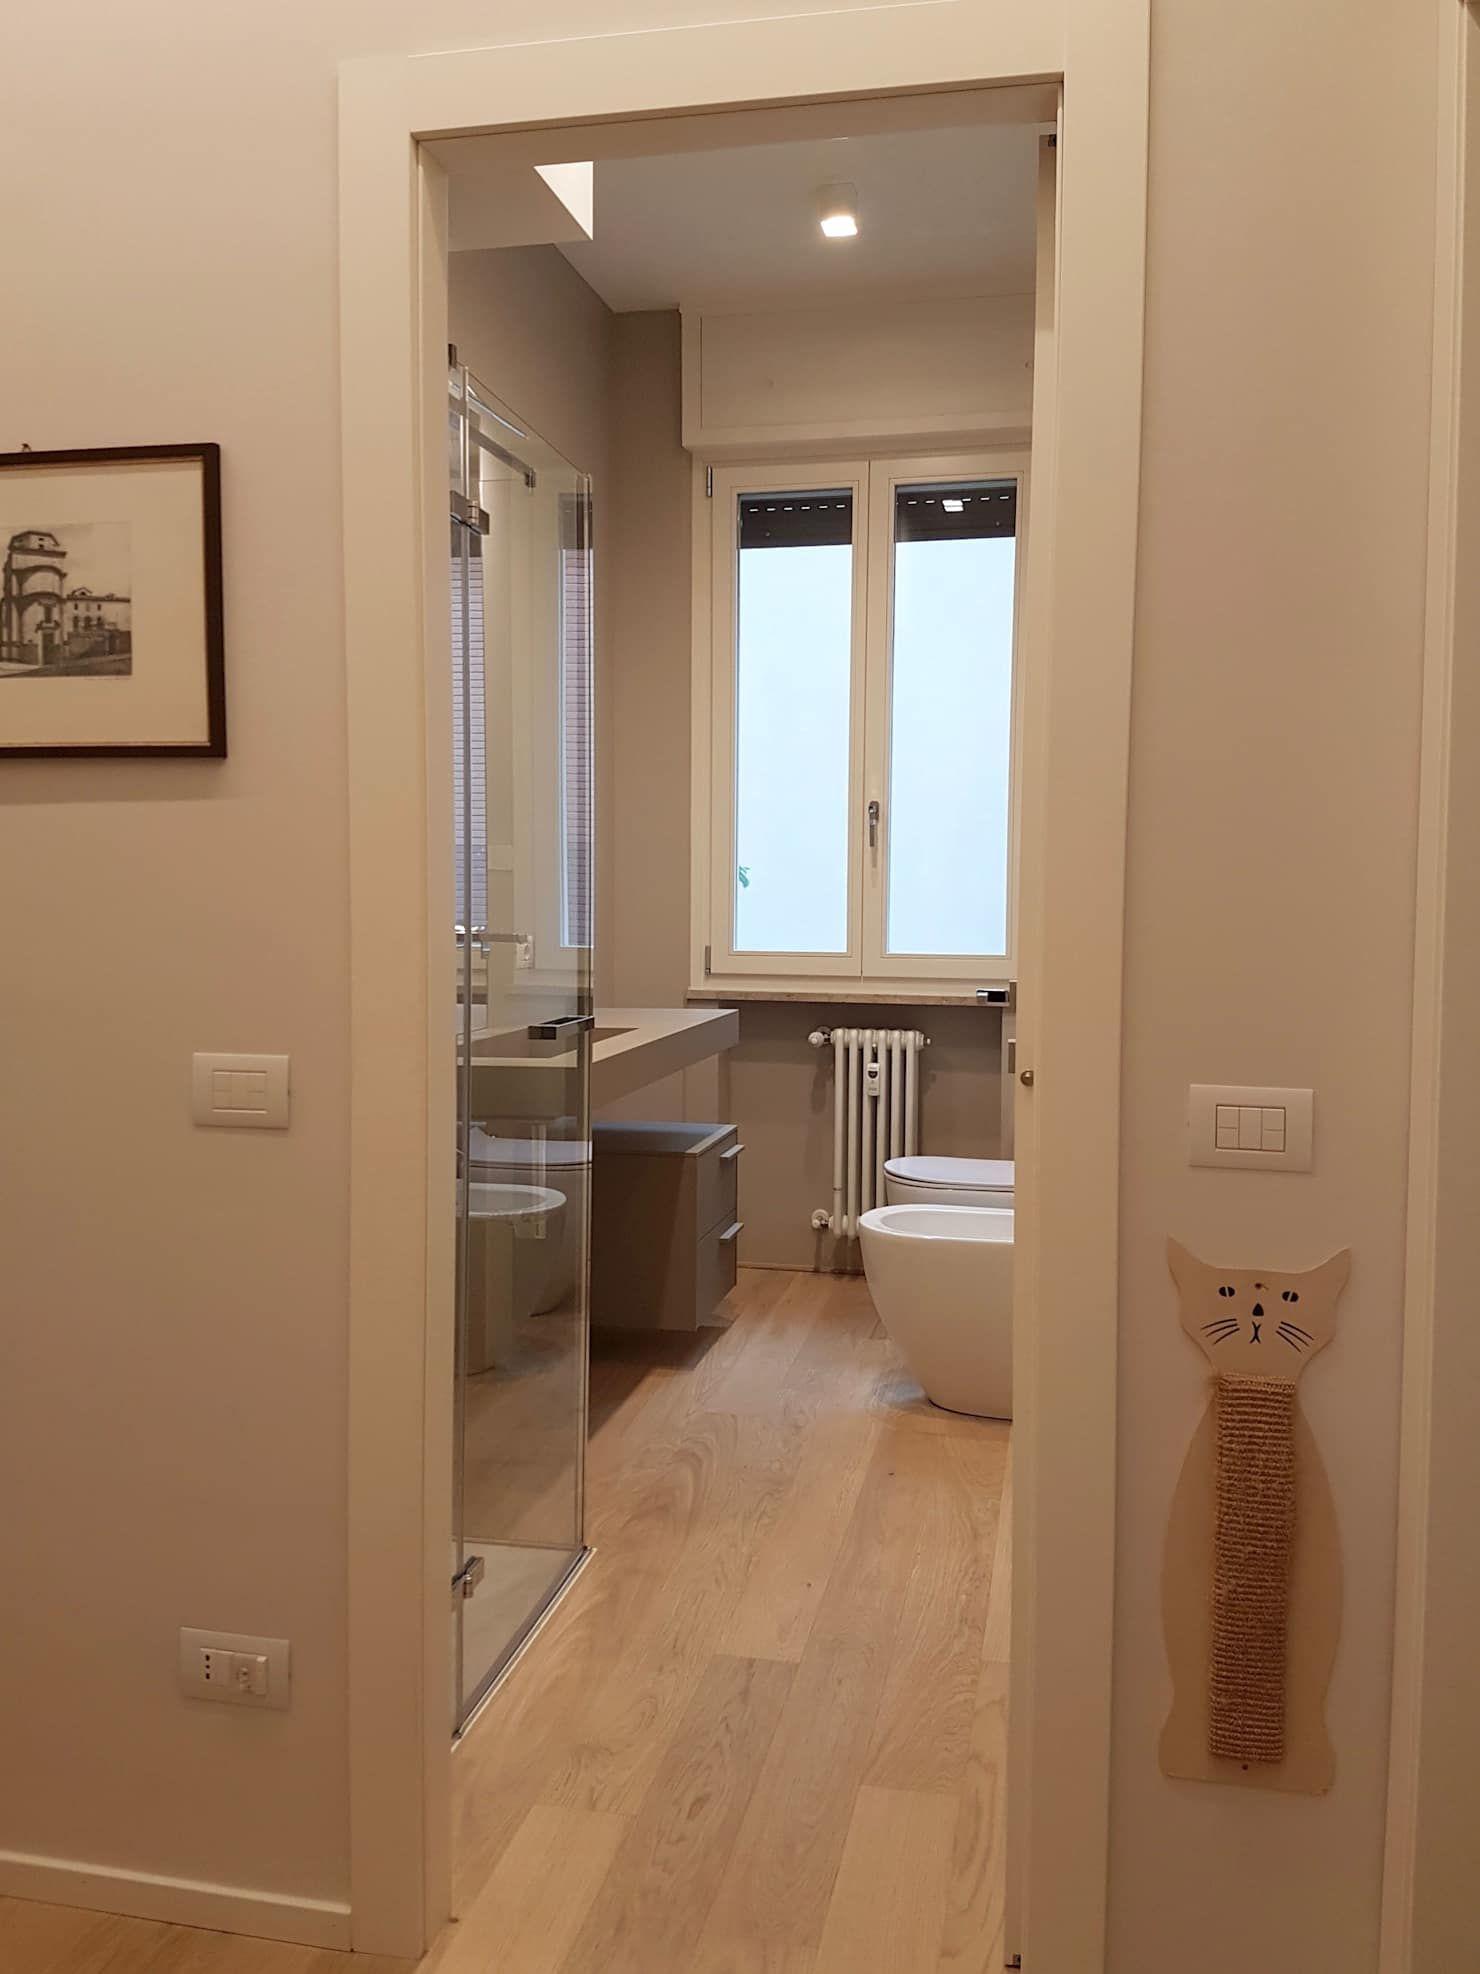 Casa ellec bagno in stile di sumisura nel 2019 cucine for Ville stile moderno